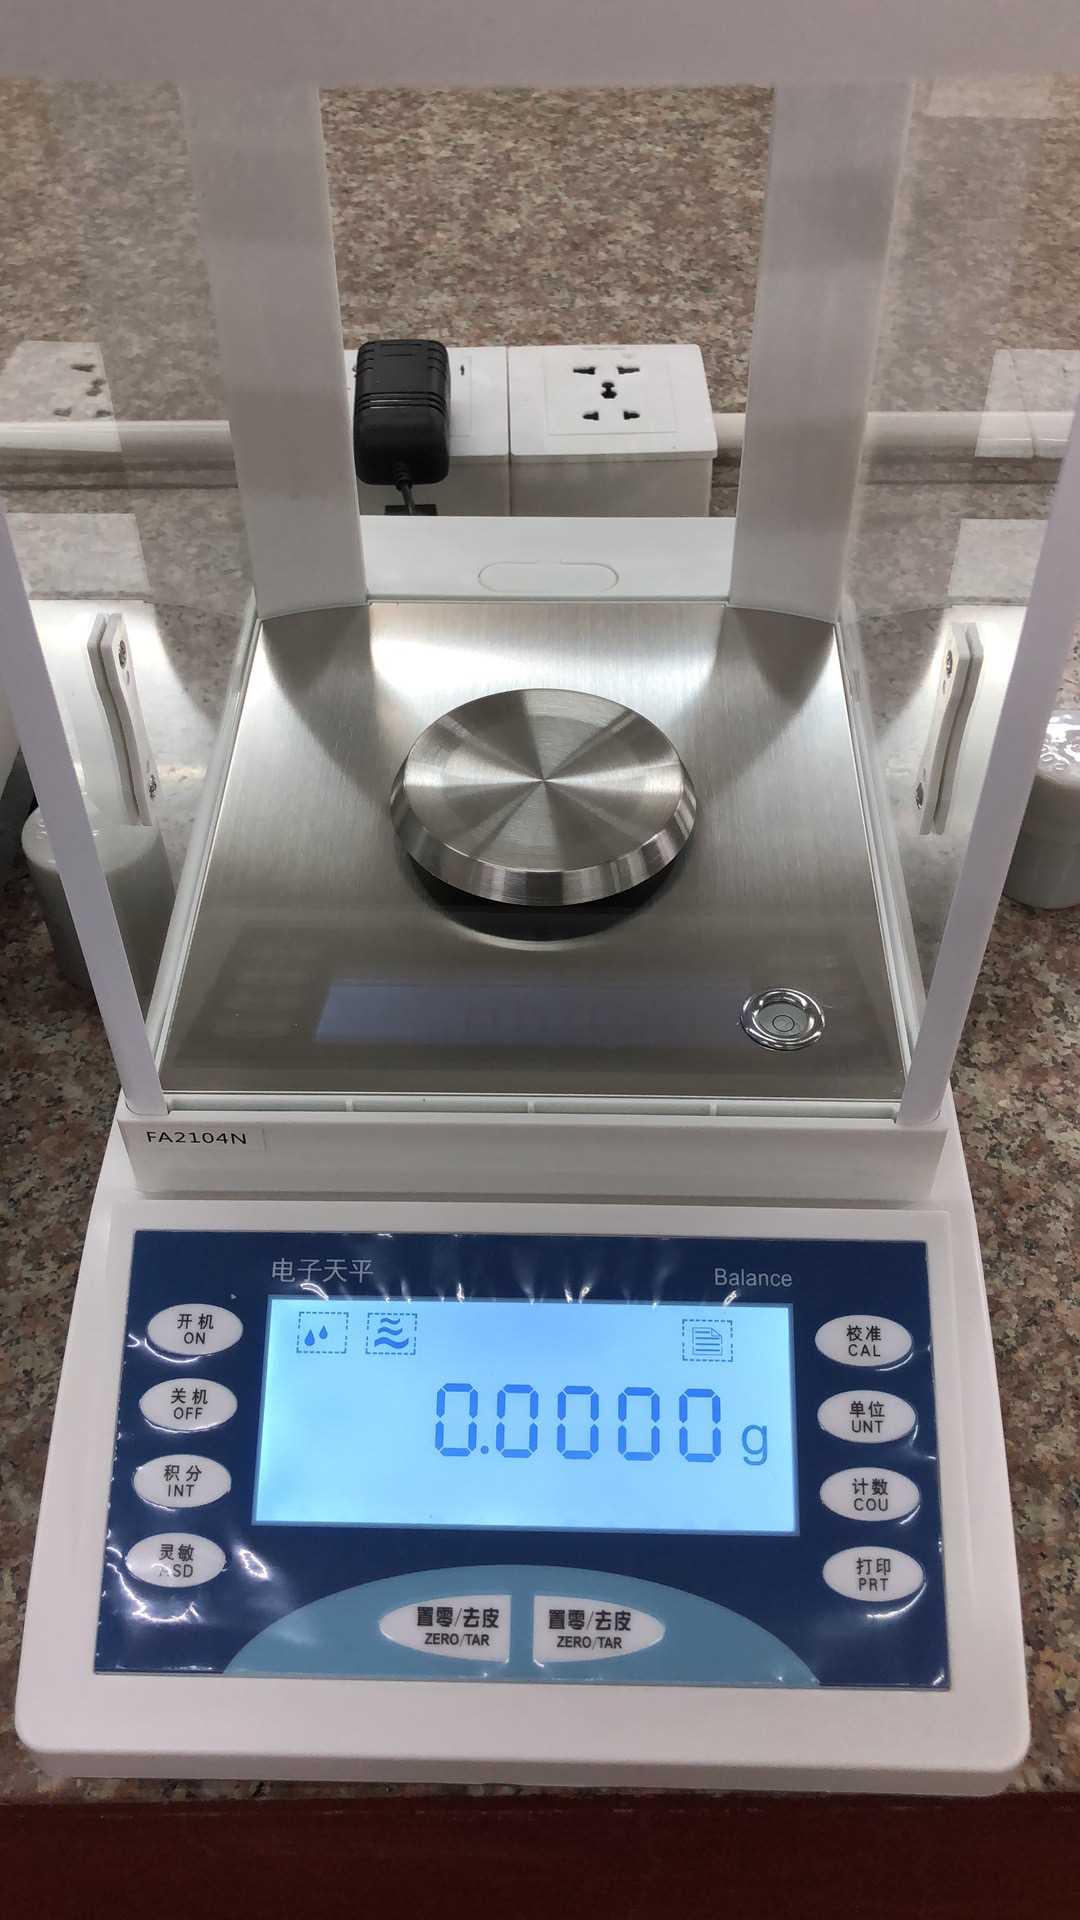 沪粤明FA1204电子分析天平 珠宝计量天平 120g万分一天平